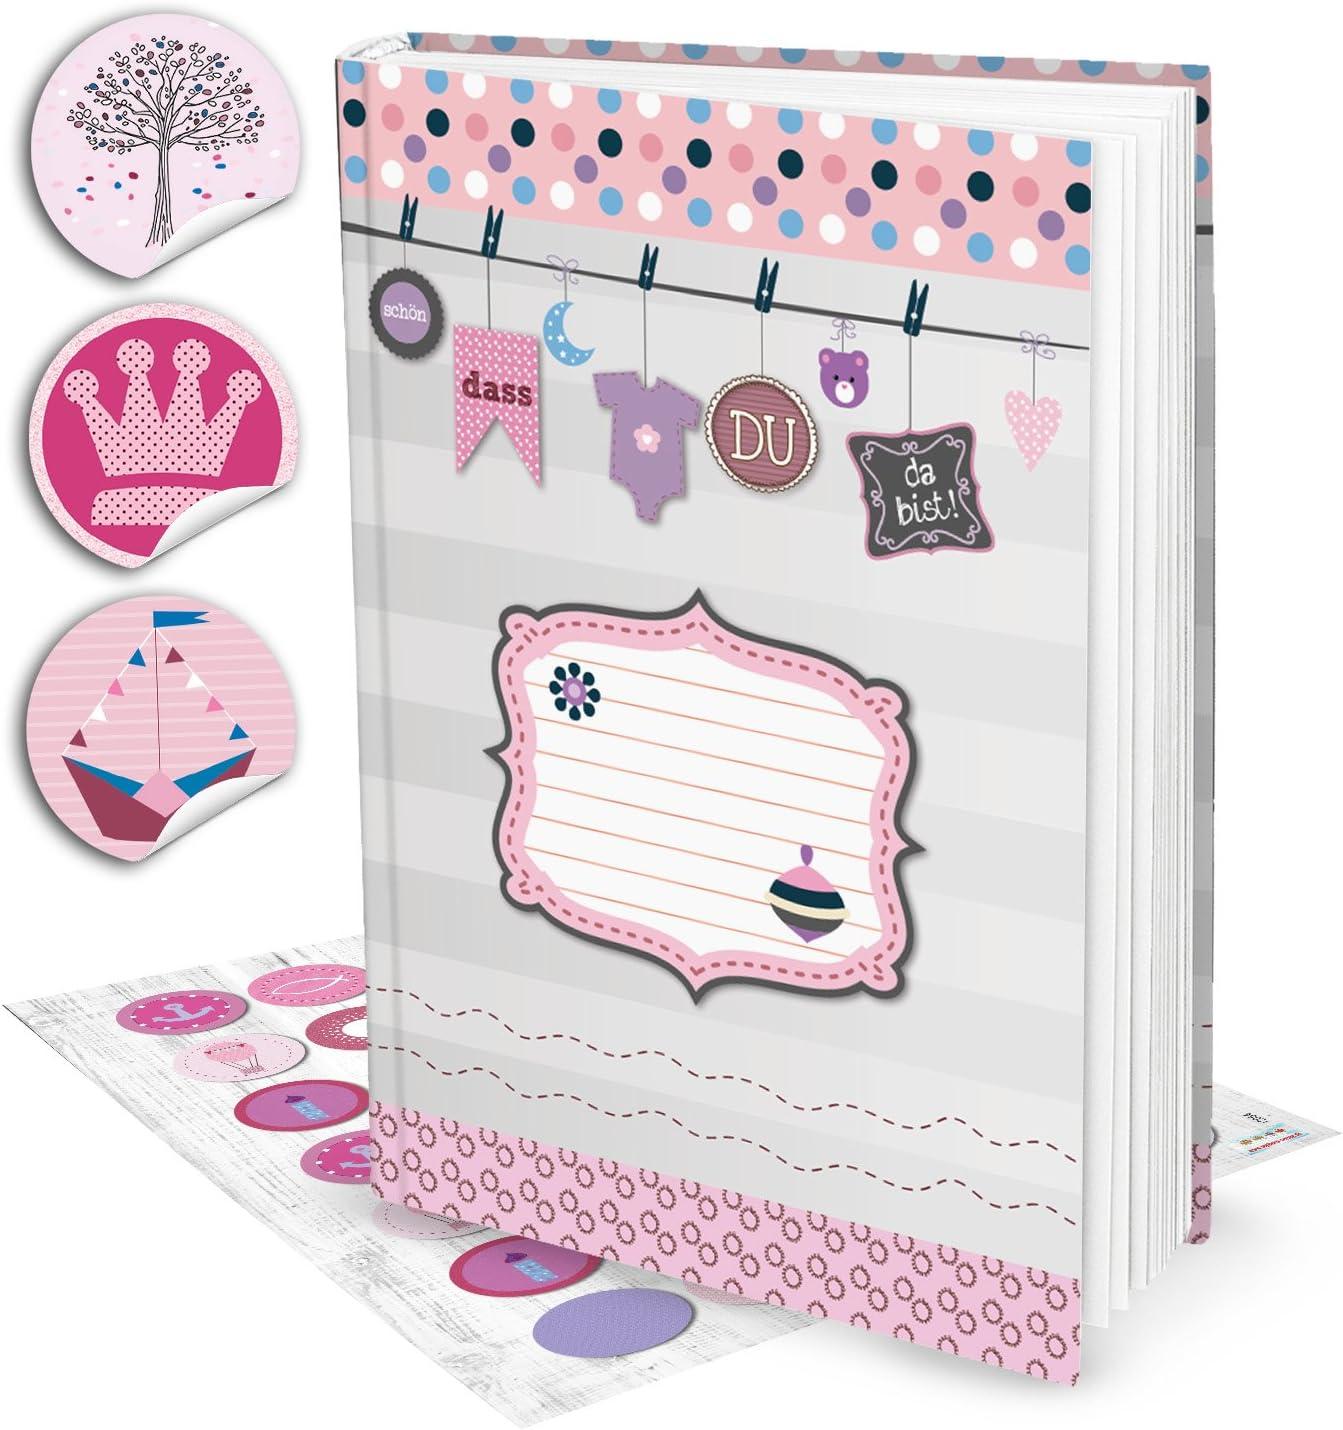 XXL Baby de diario para niños Diario Álbum de libros para bebé niña DIN A4Schön, dass du da bist + 35pegatinas en color rosa, 136páginas + Contenido directorio; regalo werdende Padres